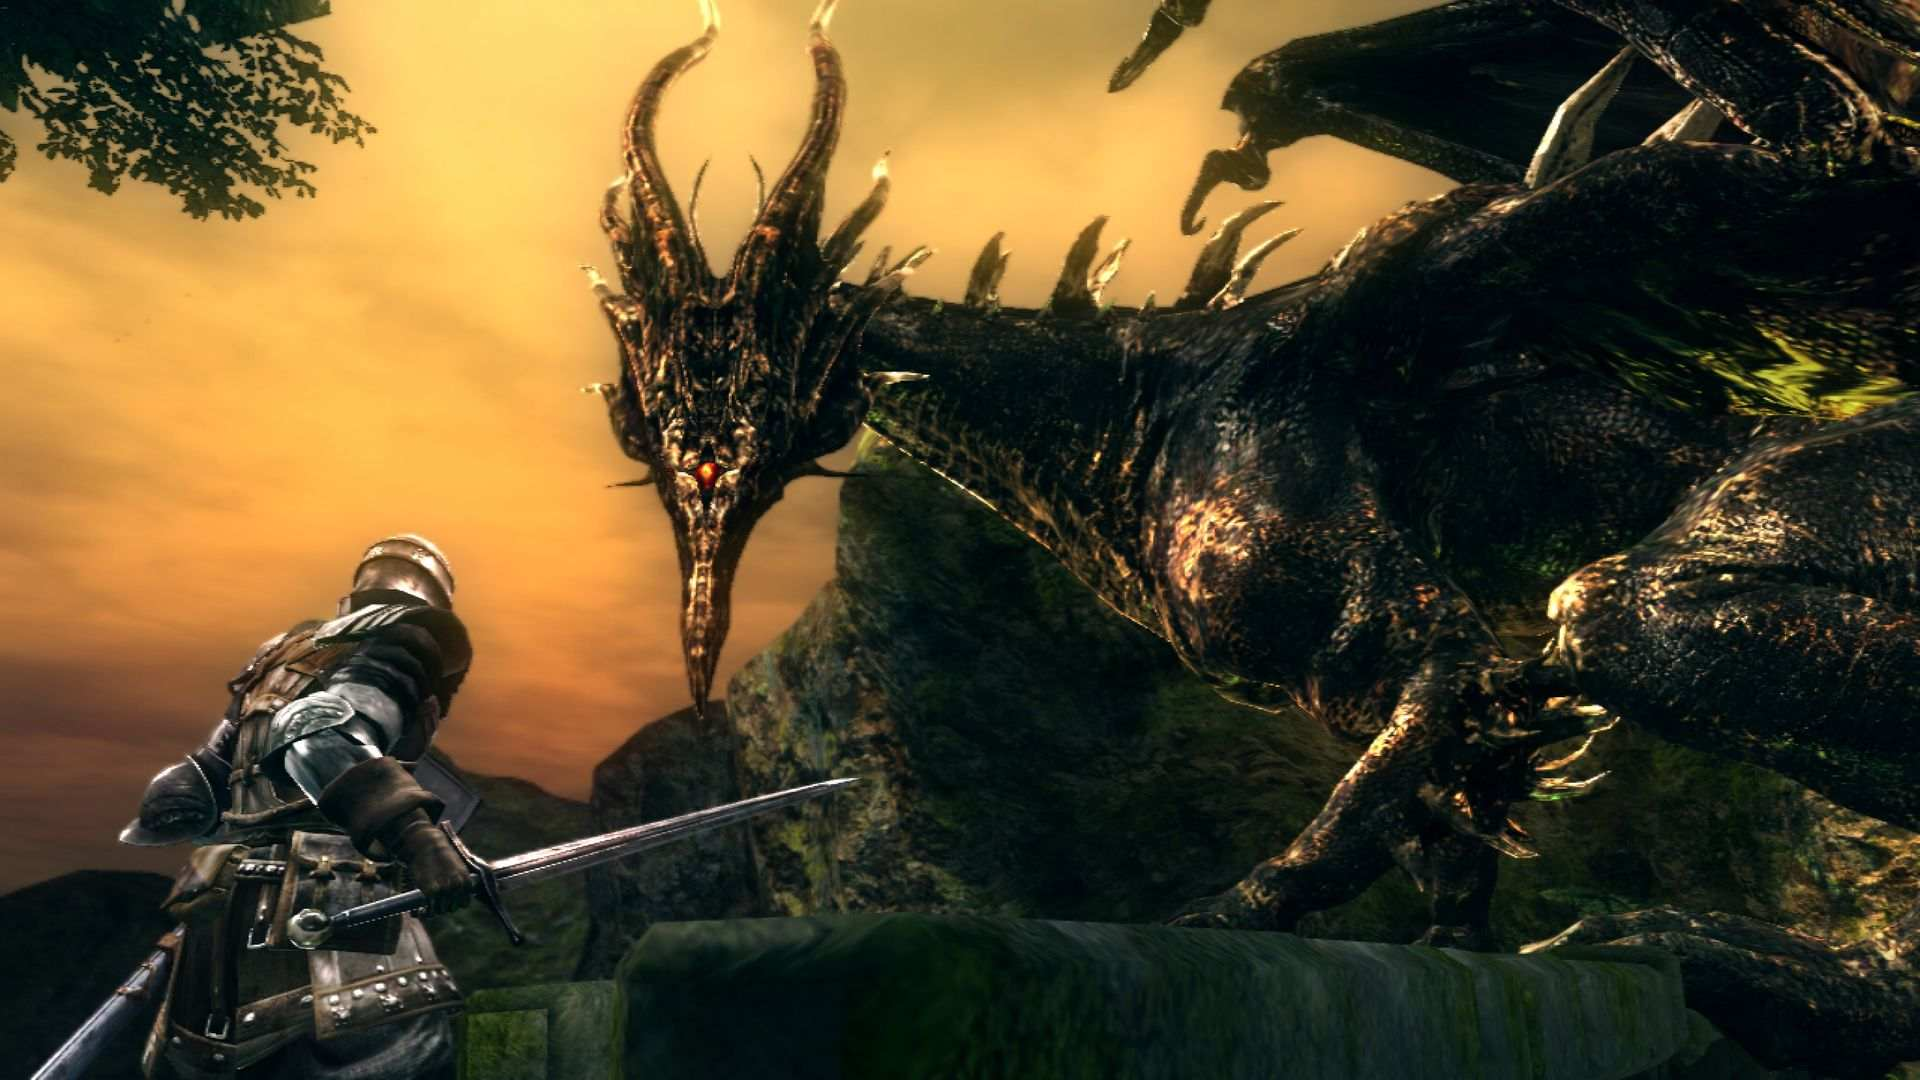 Un viaggio nell'iconografia di FromSoftware: Dark Souls 5